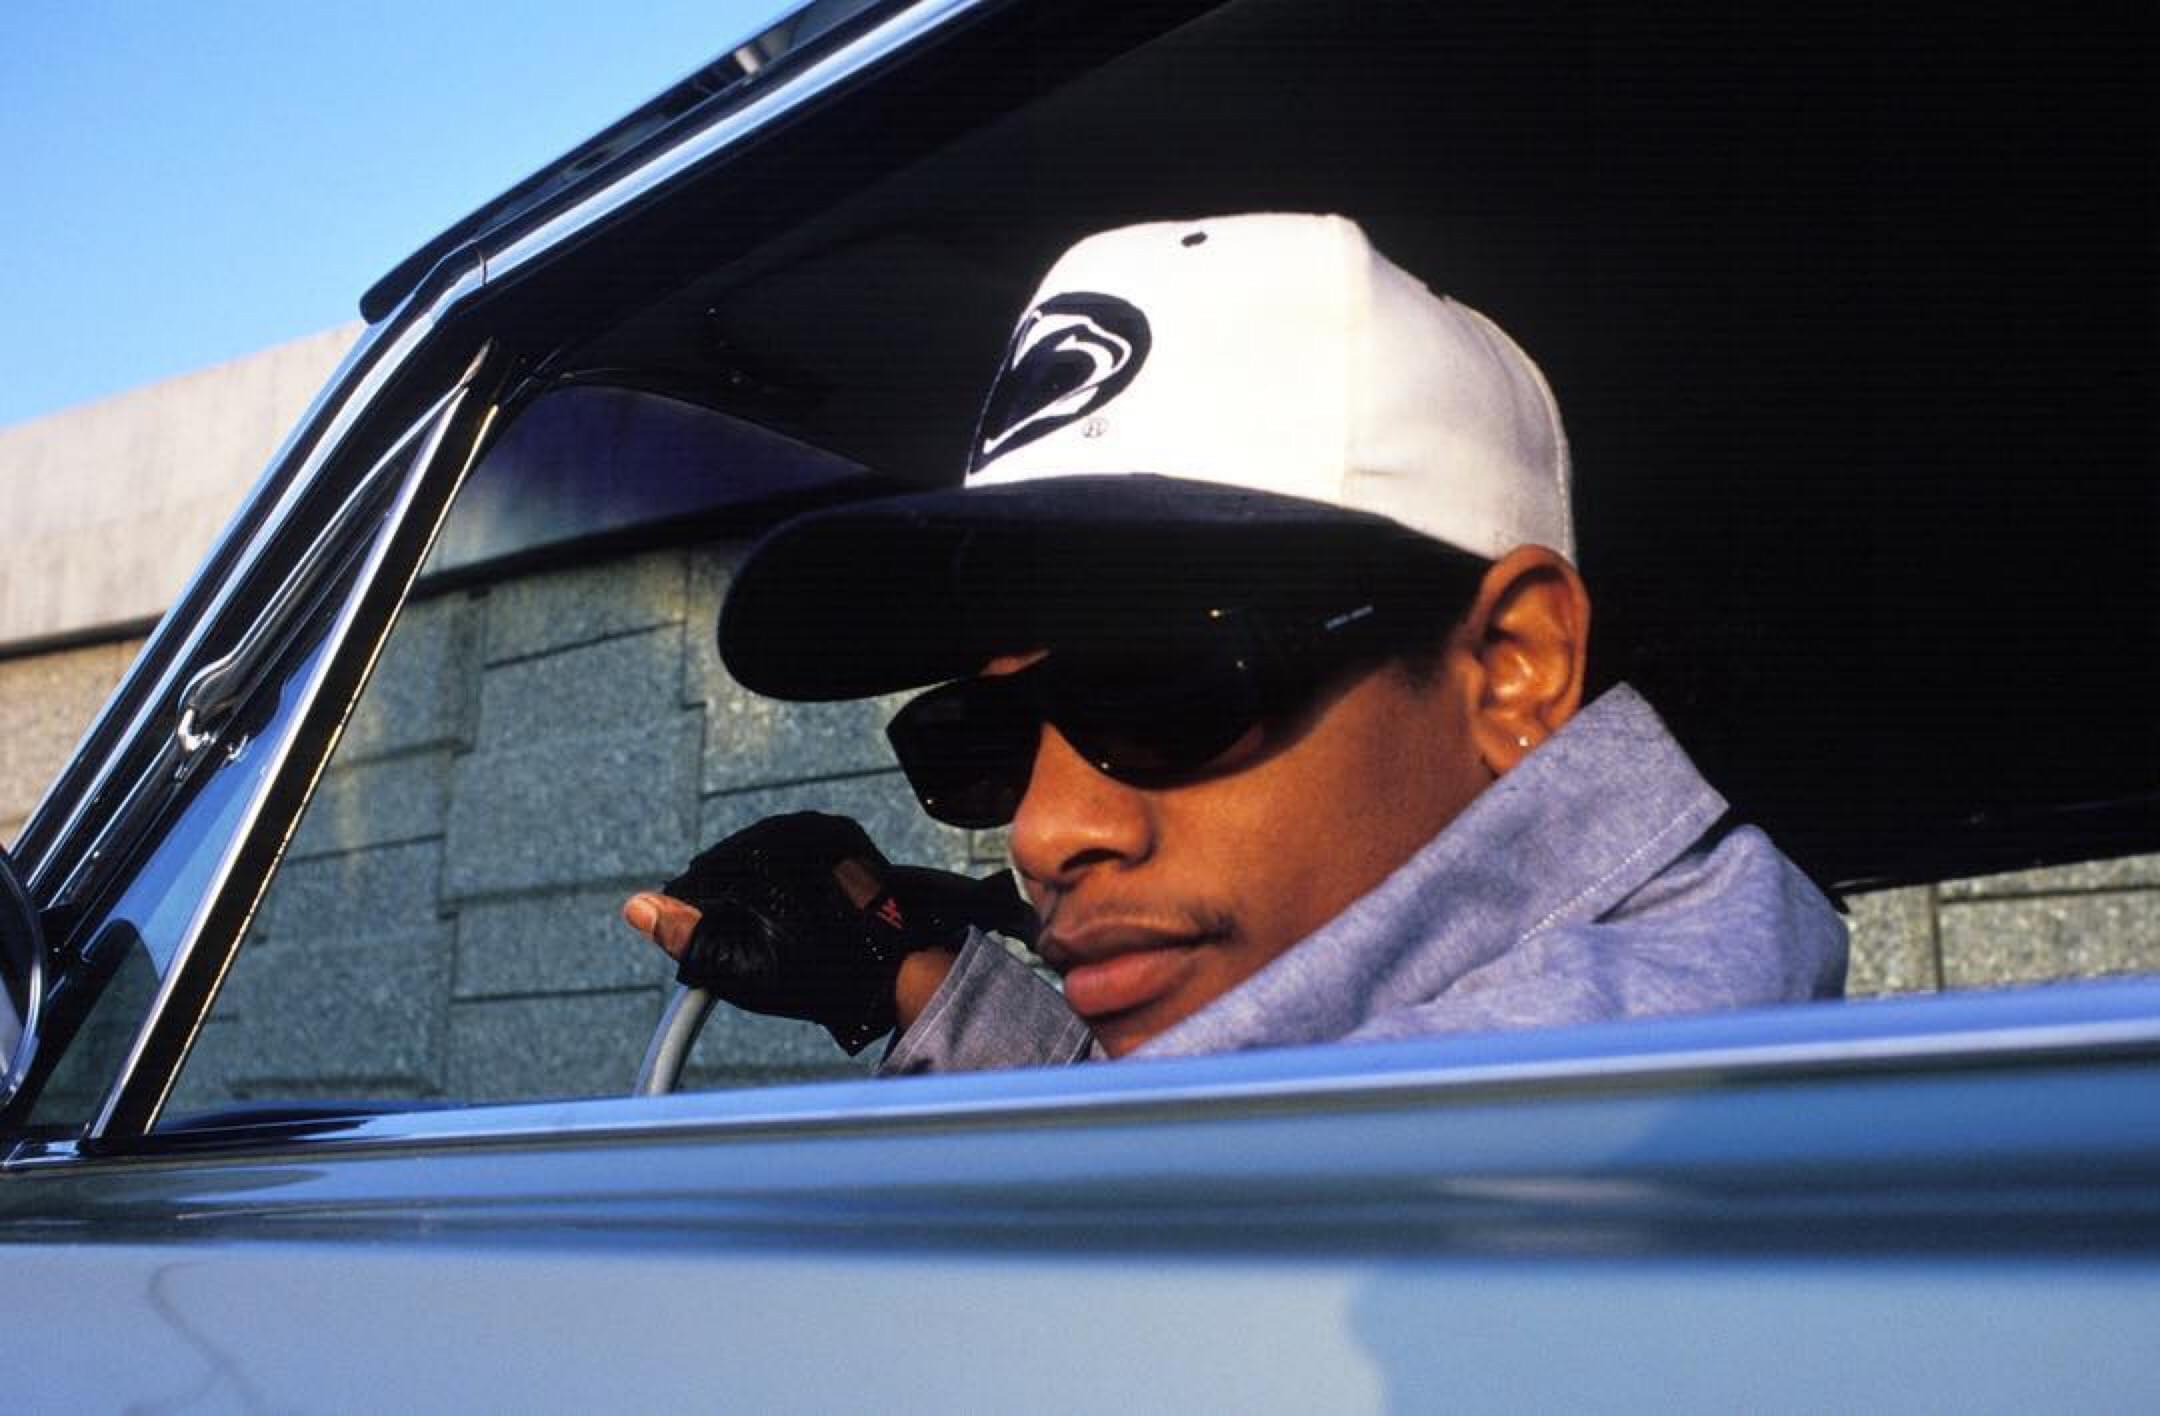 Celebrating Eazy-E: How Eazy-E Influenced Hip Hop